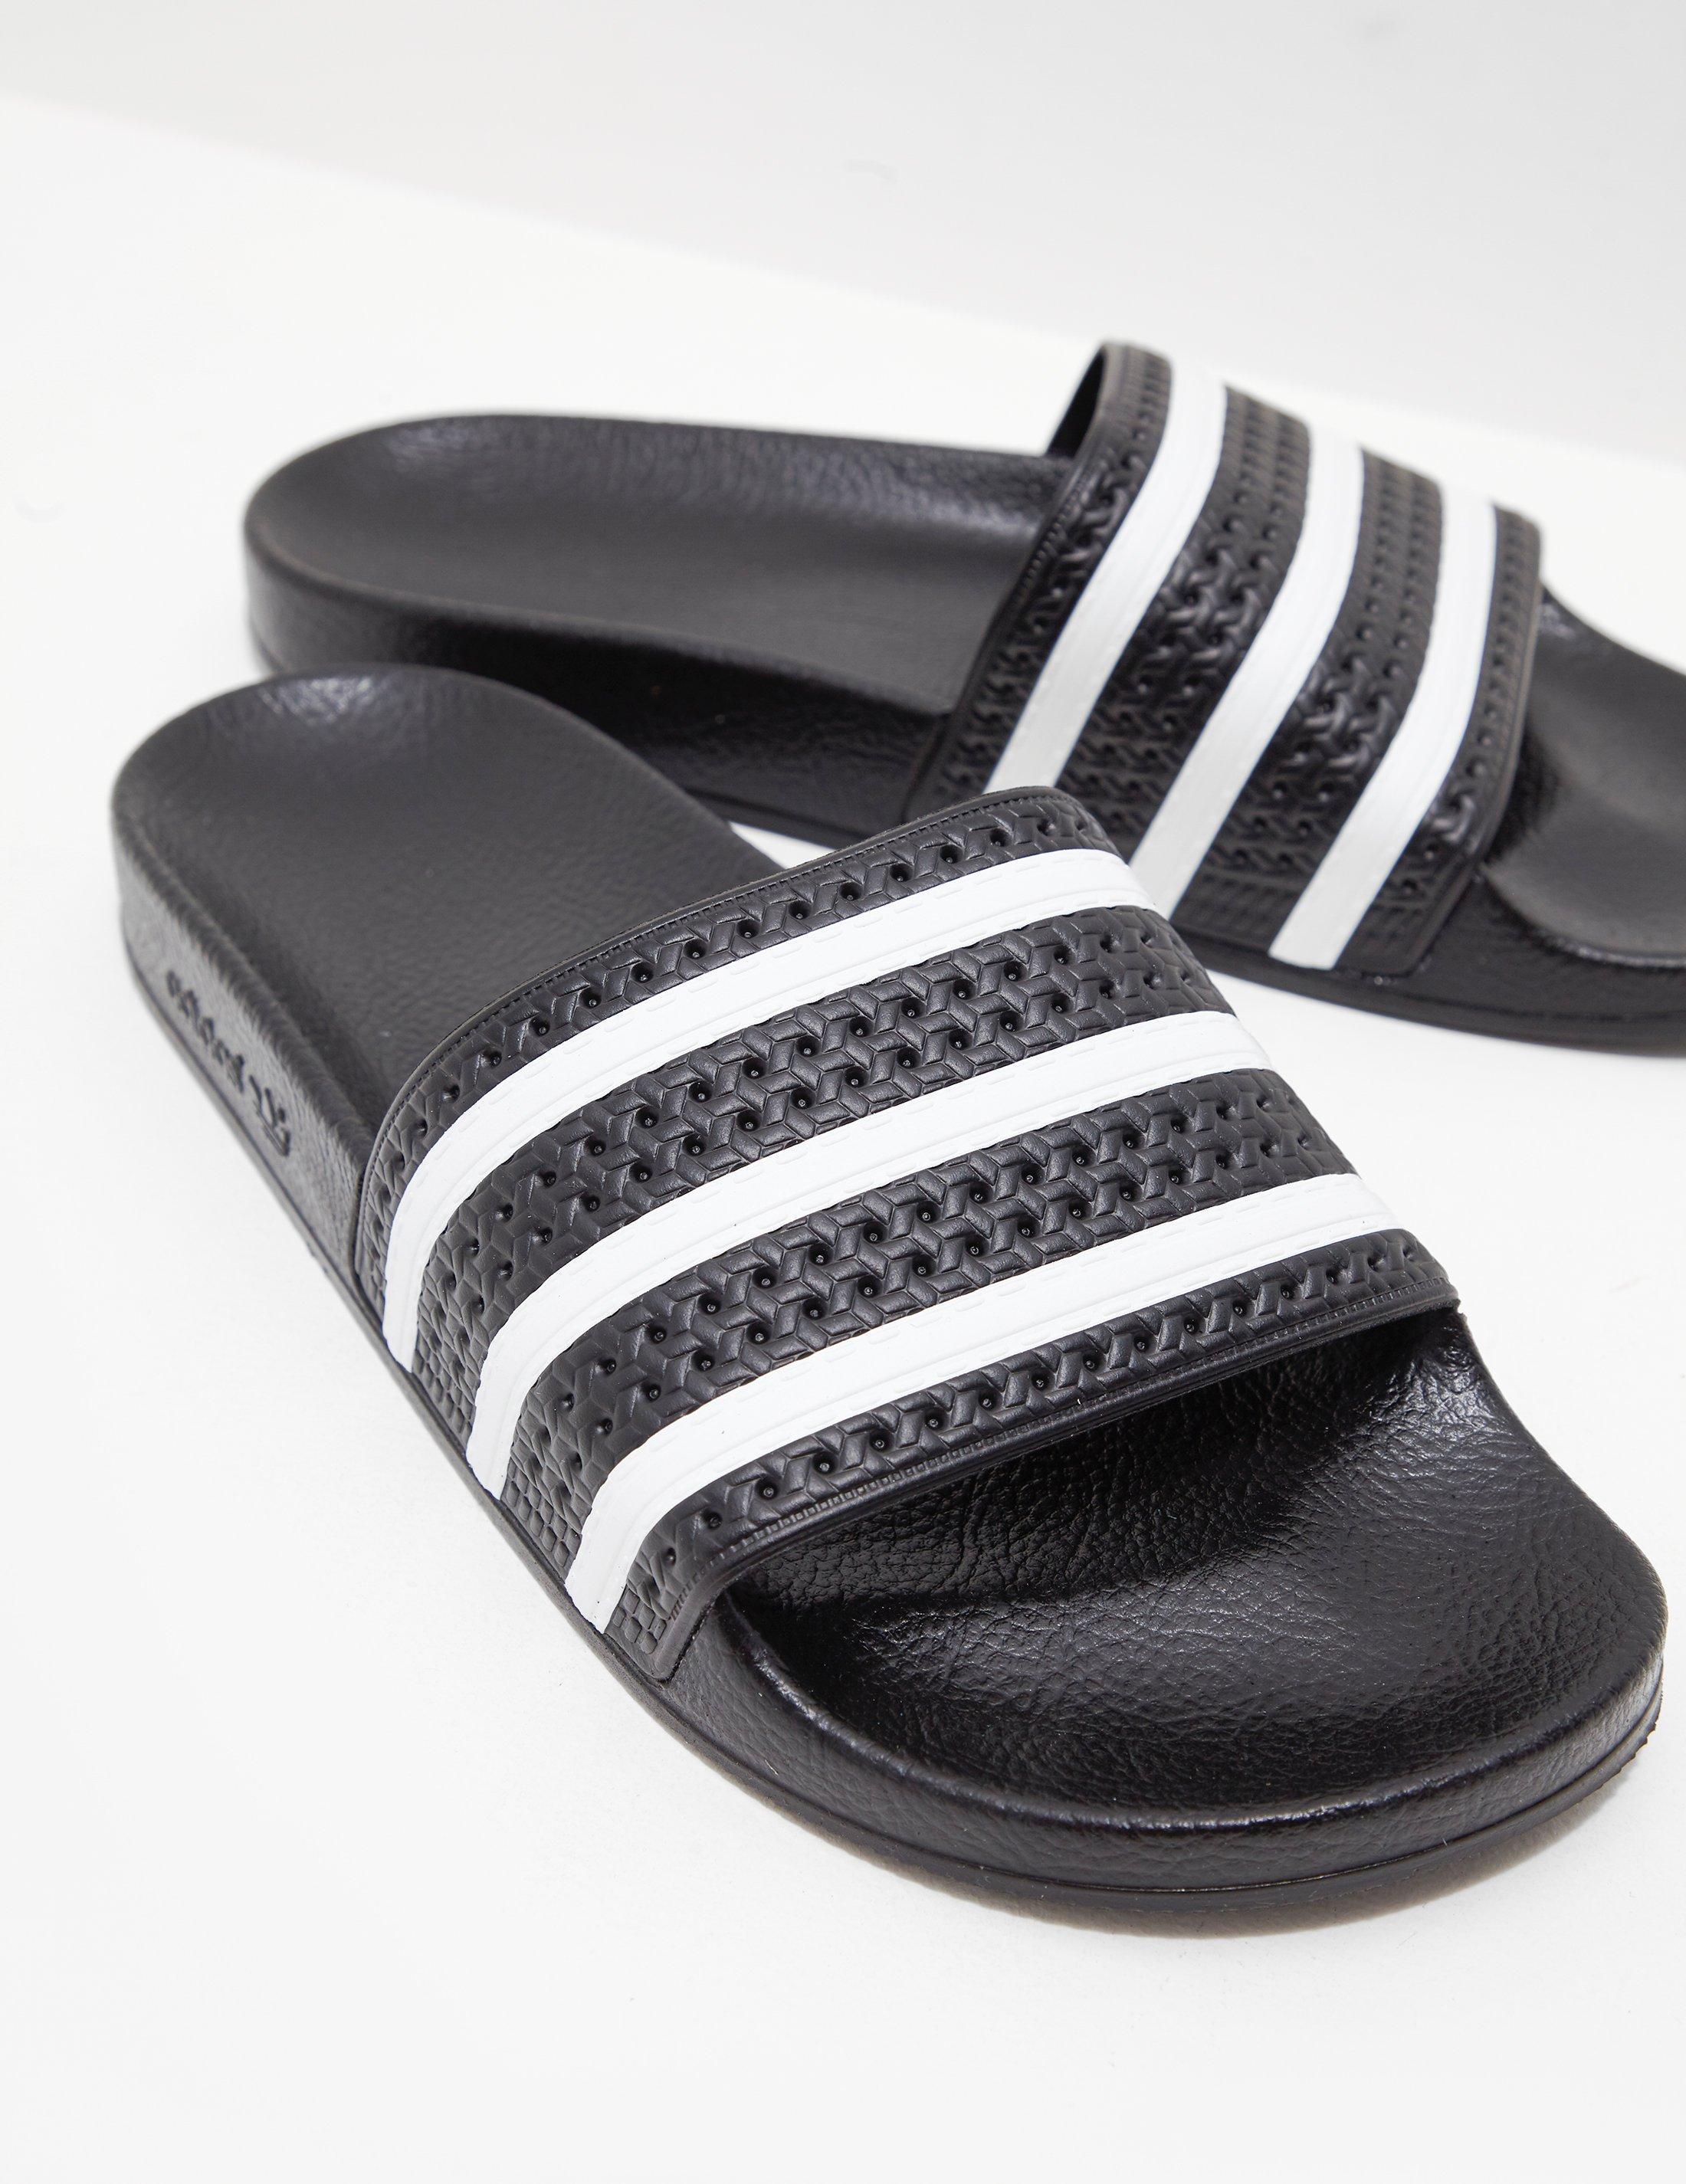 440bcc89834aab adidas Originals Adilette Slides Black in Black for Men - Lyst